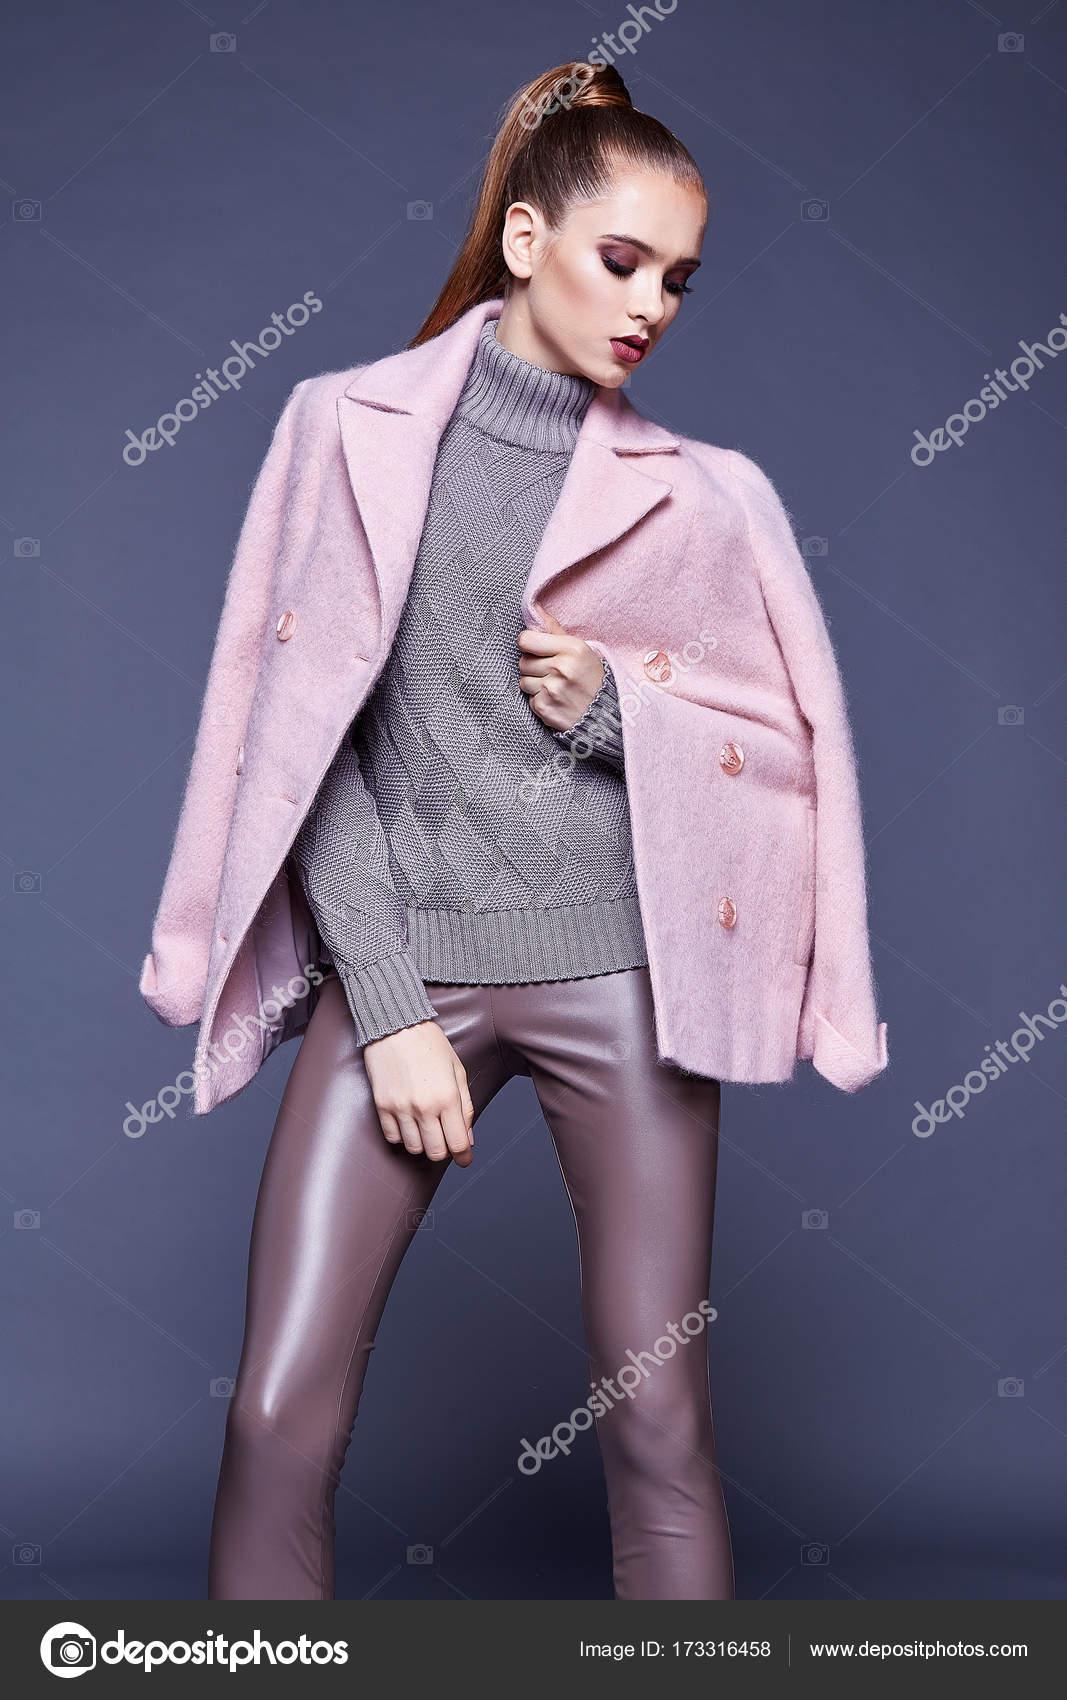 ed66ae958e2 Frau Verschleiß Business Stil Kleidung für Büro zufälligen Begegnung  Oberbekleidung Kaschmir Mantel Rosa Wolle gestrickte Pullover Schaum dünne  Hosen fallen ...